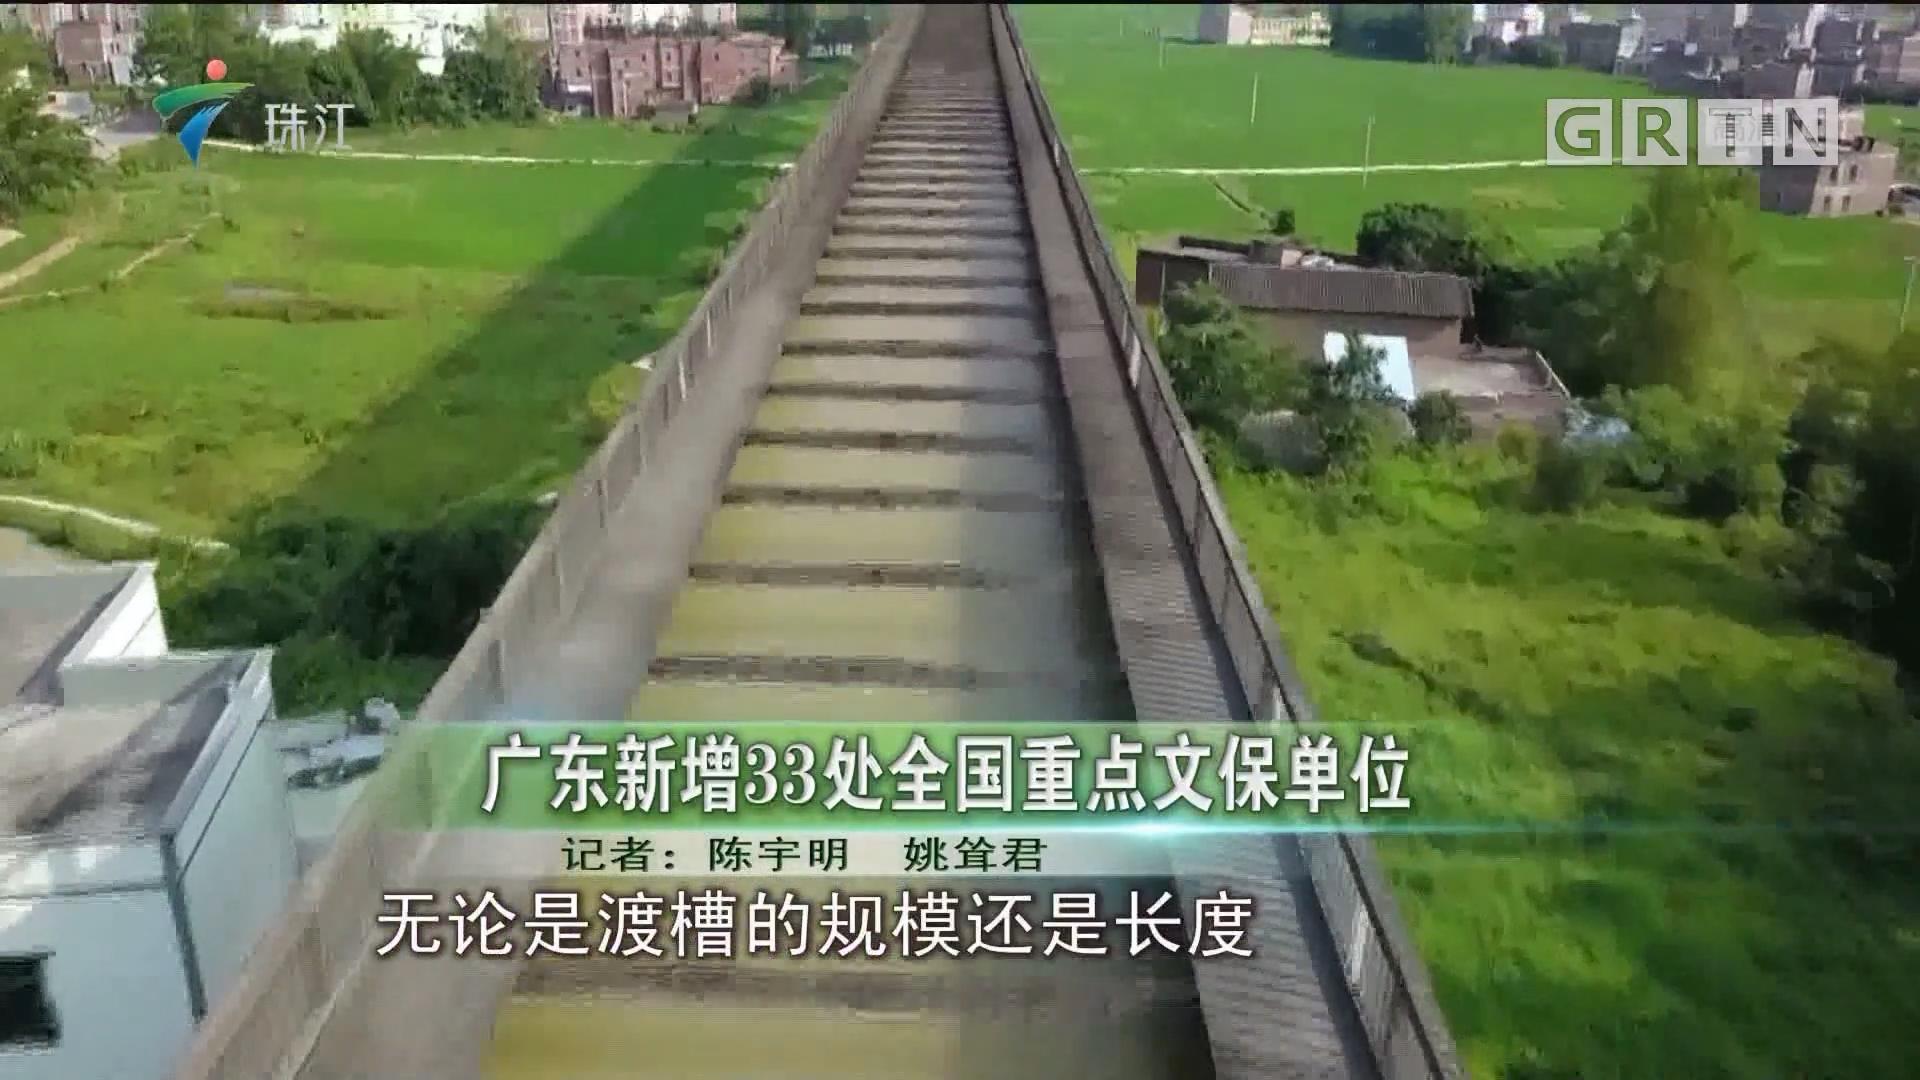 广东新增33处全国重点文保单位